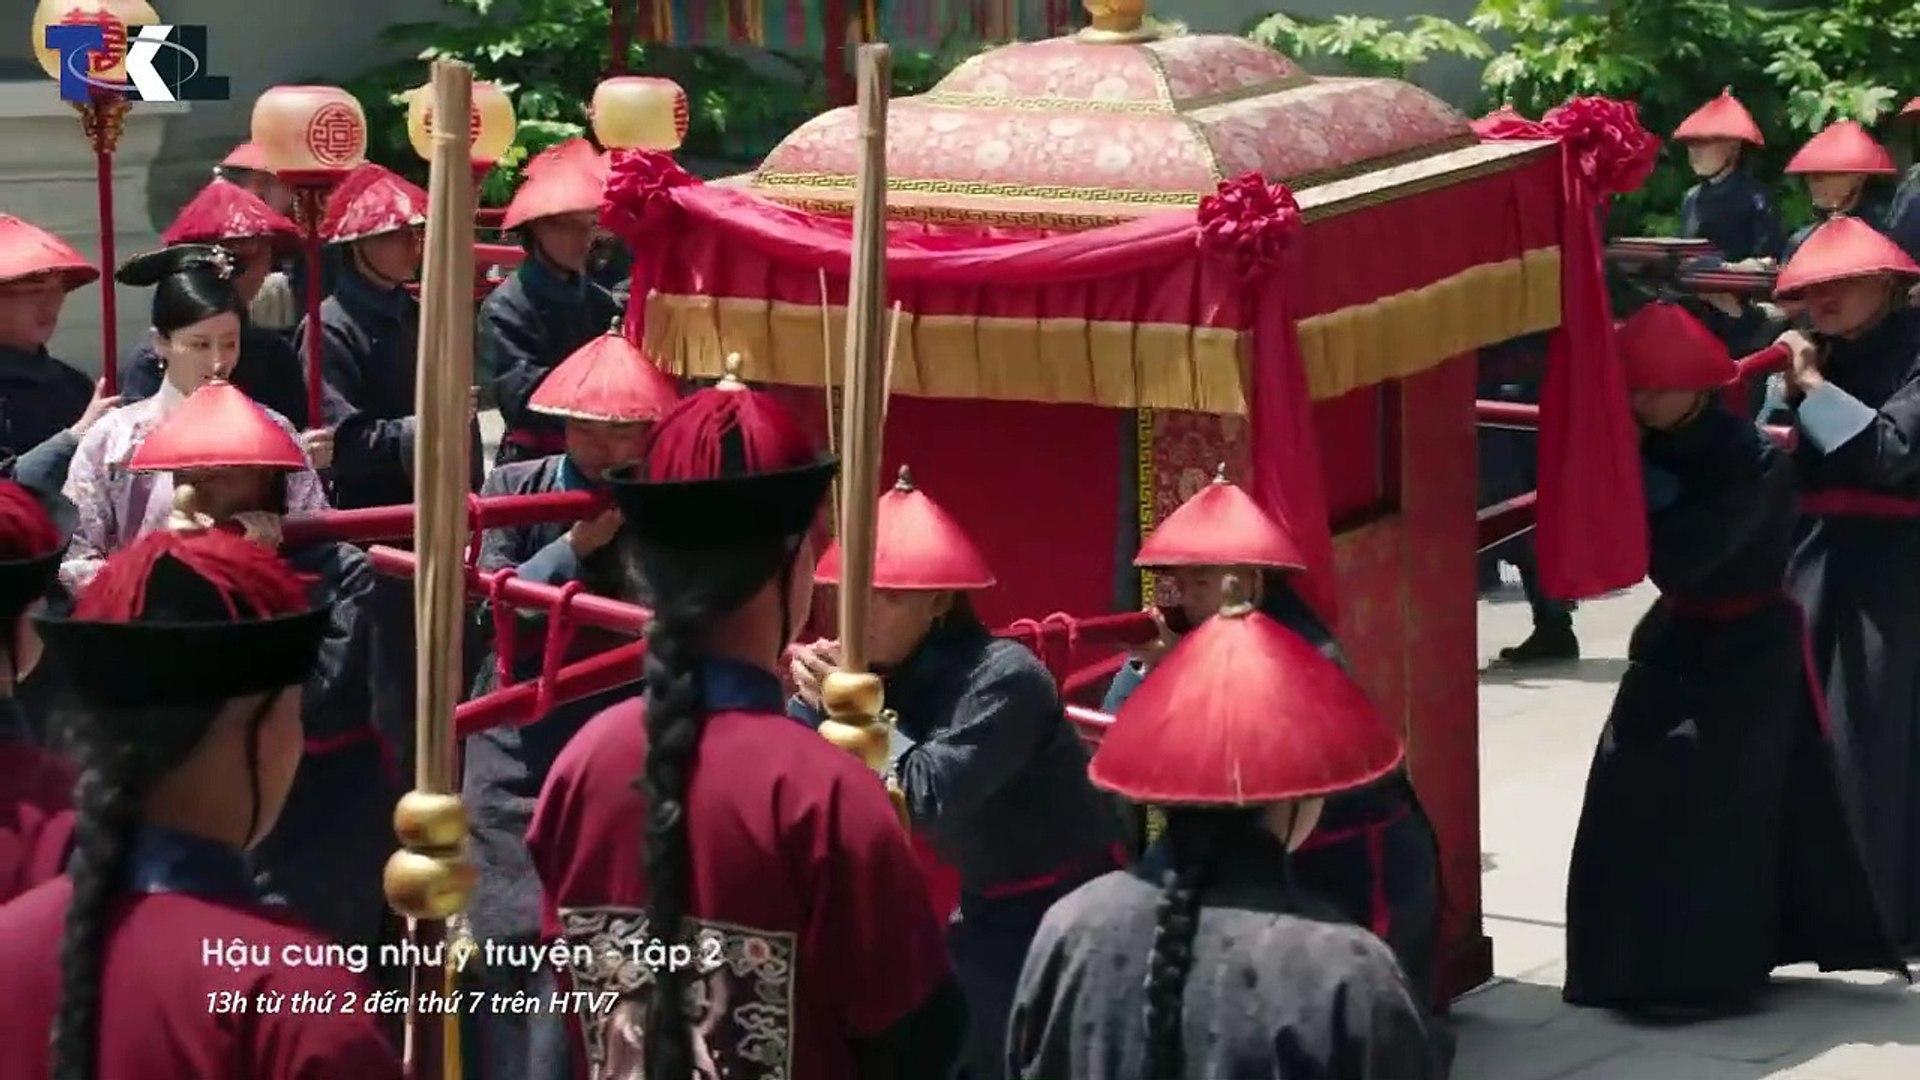 Hậu Cung Như Ý Truyện - Tập 2 Full - Phim Cổ Trang Trung Quốc Hay Nhất 2020